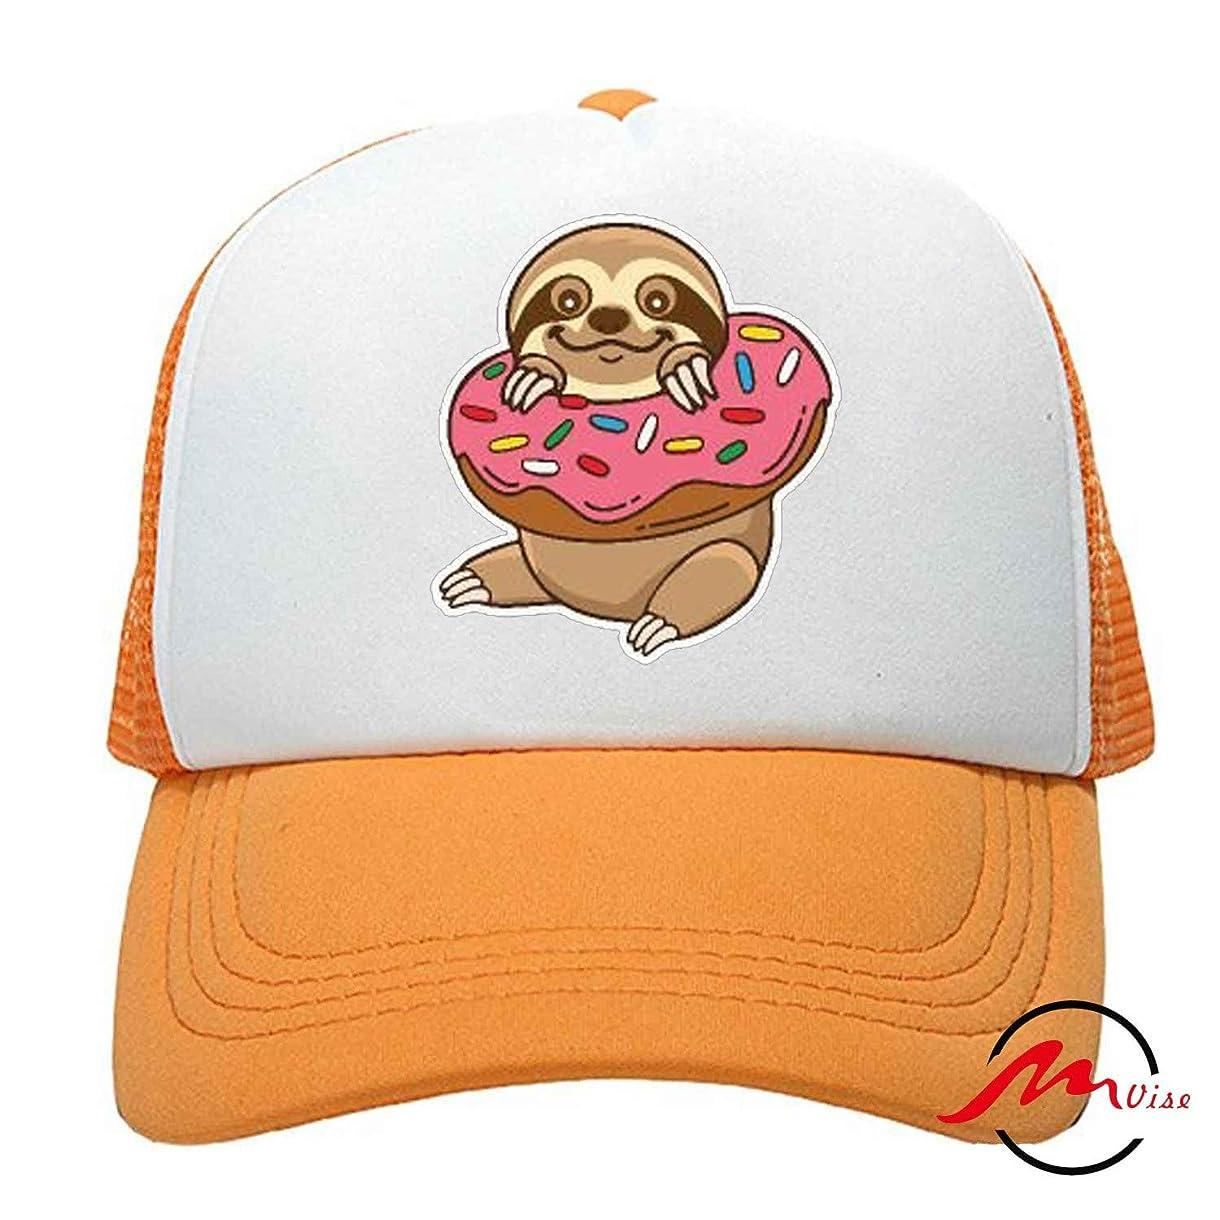 フォーム道徳の紛争ZMvise Sloth Loves Donut 男女兼用の十代の大人の習慣はかわいい野球帽のトラック運転手の網の帽子を印刷しました